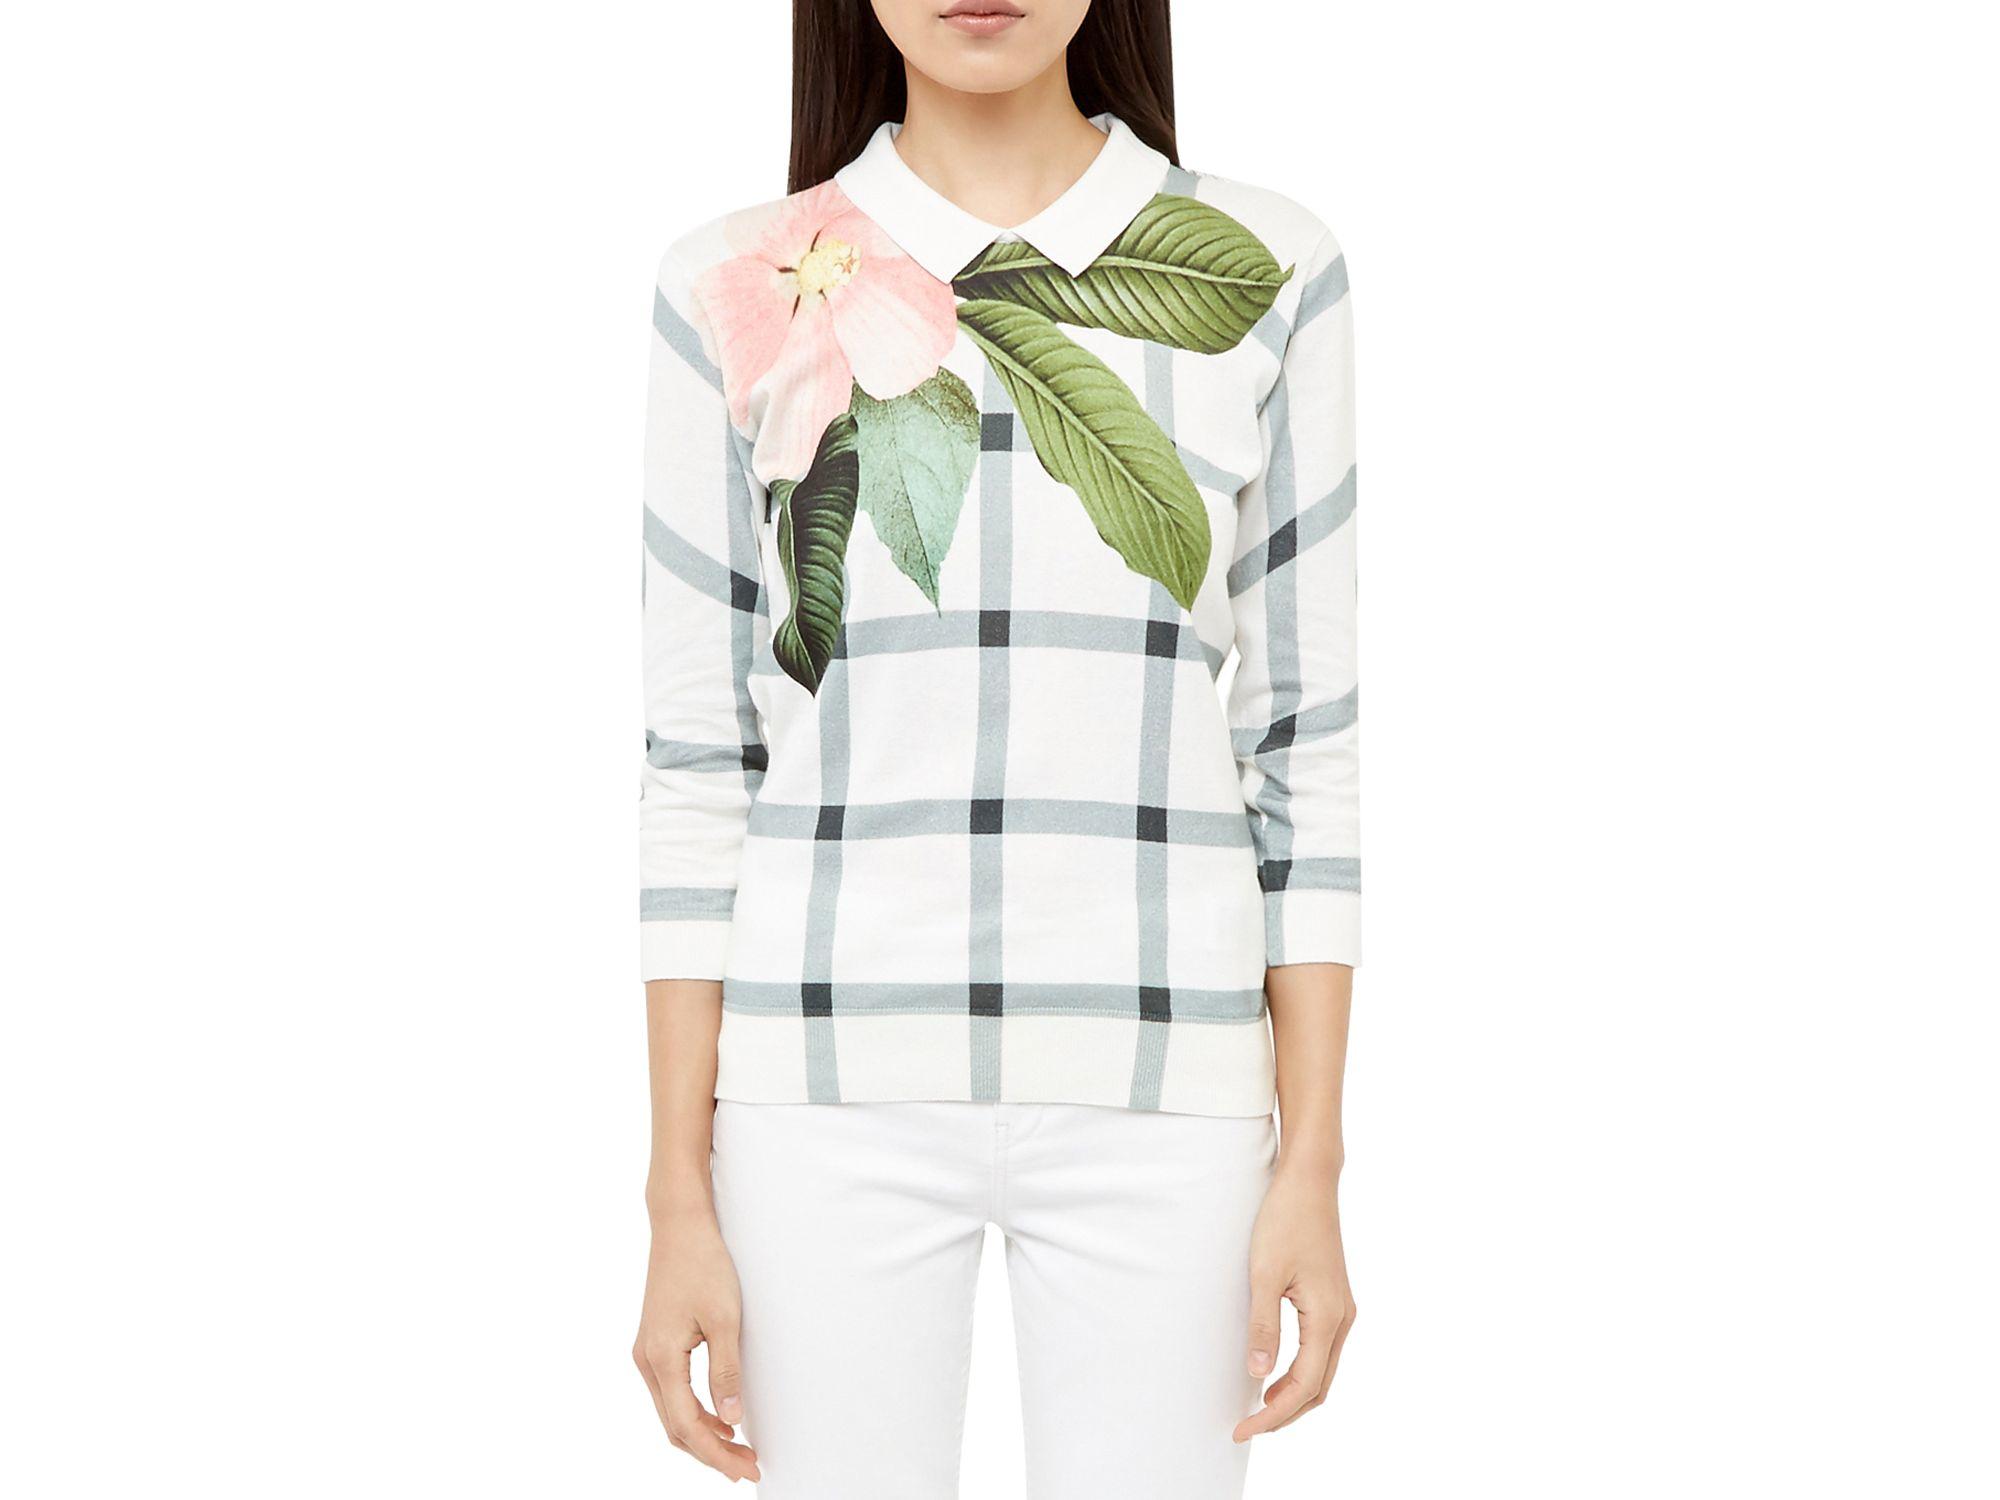 cf52b85c59700 Lyst - Ted Baker Agneya Secret Trellis Sweater in White